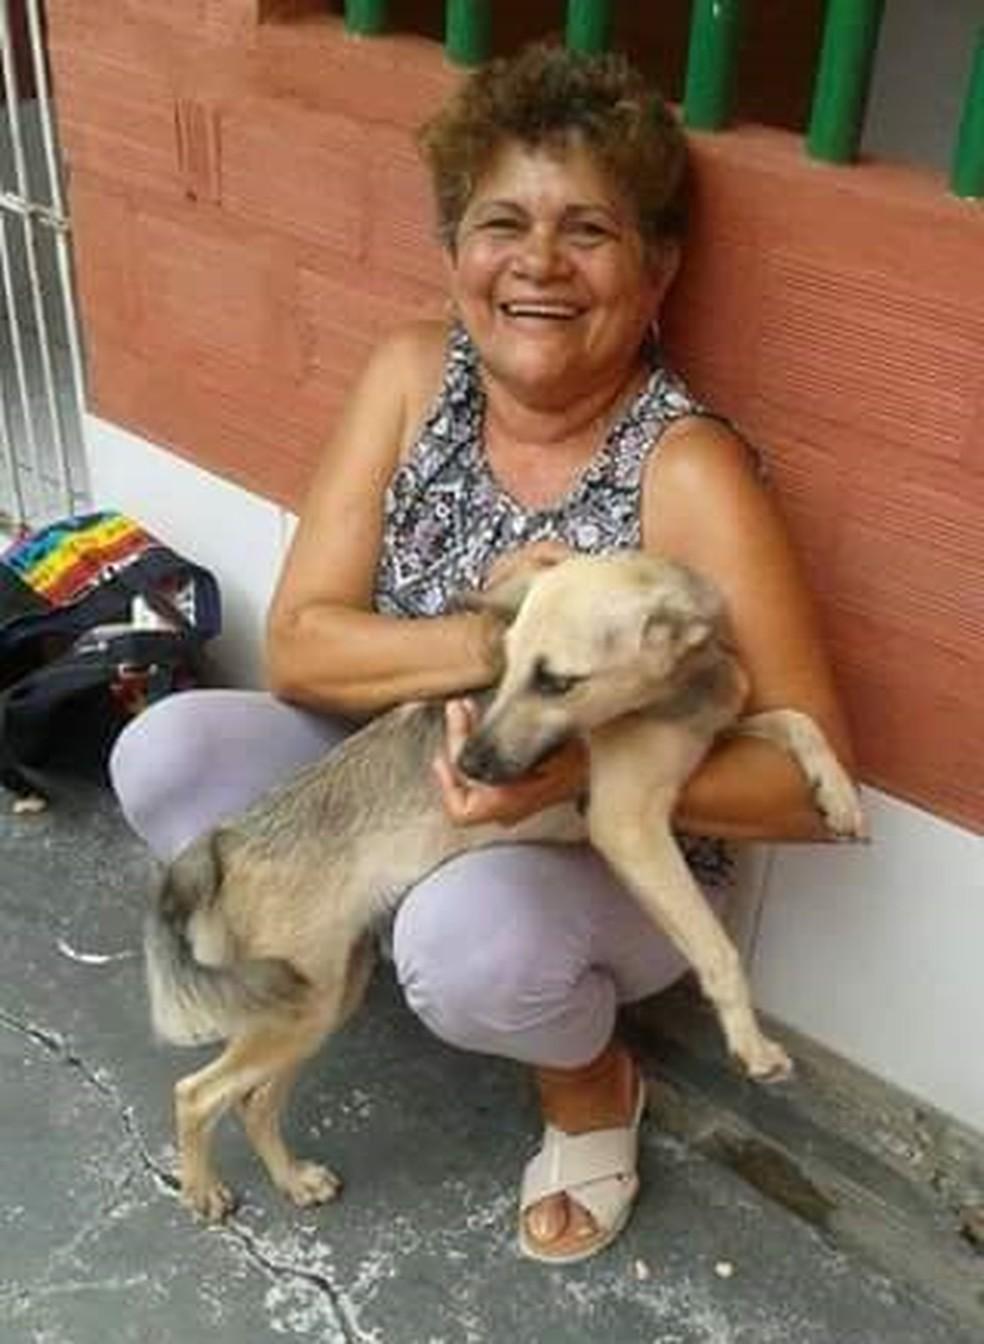 Raimunda Antônia criou hotel em frente à sua casa para acolher animais (Foto: Foto: Reprodução Ádna Figueira)